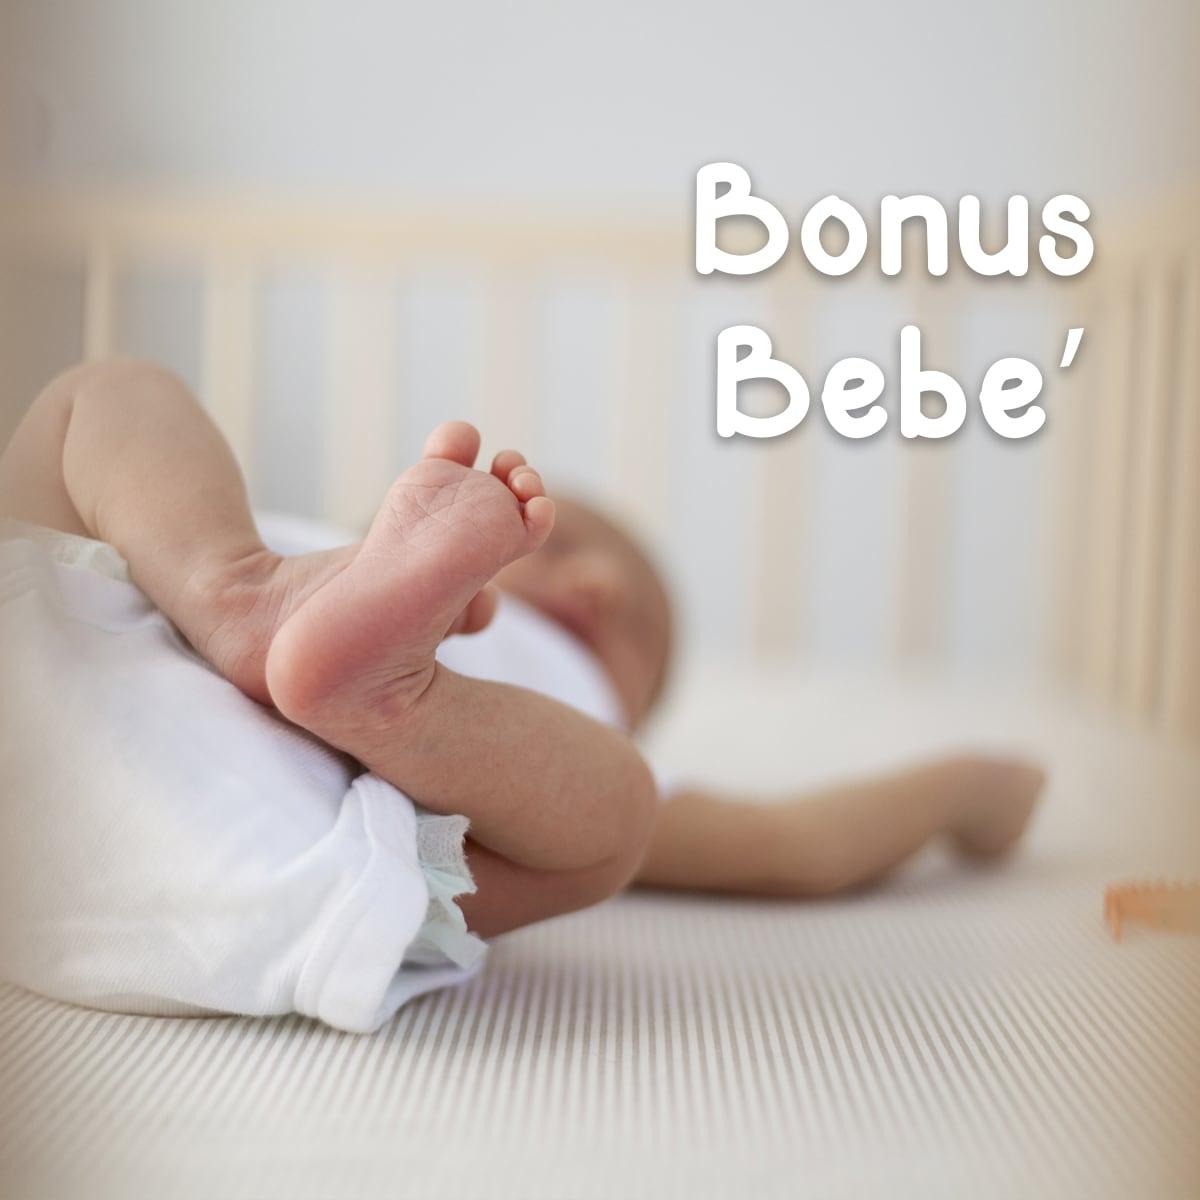 Bonus bebè 2020: come fare domanda, requisiti e importi